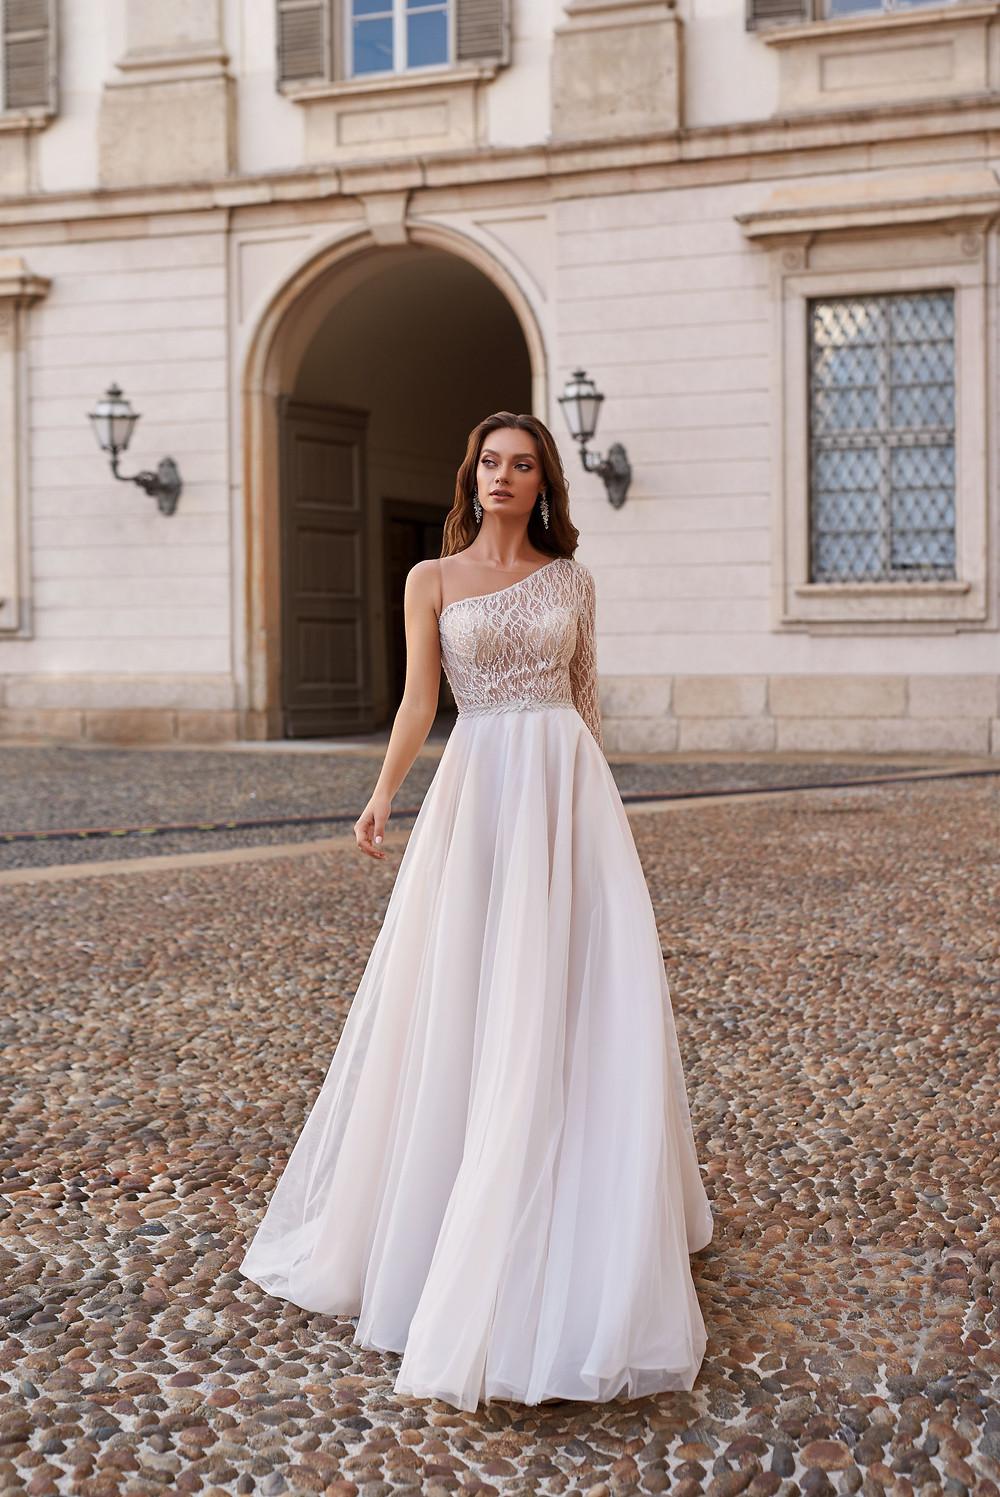 rochii de mireasa lux, rochii de mireasa ieftine, rochii de mireasa stil A